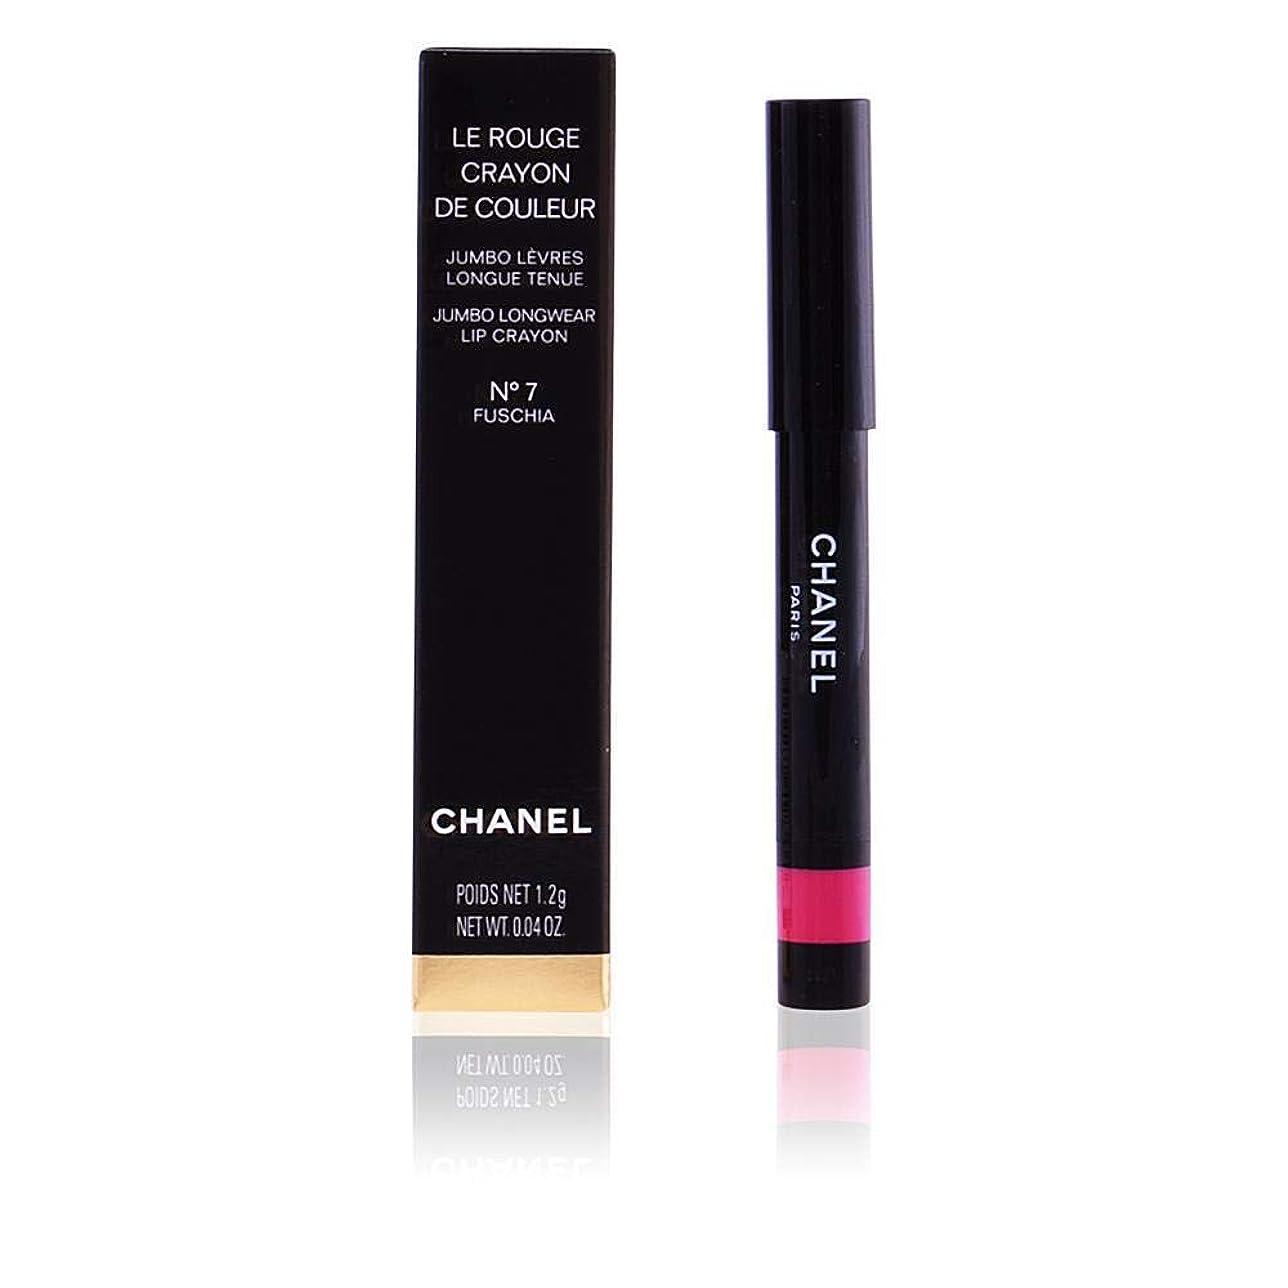 不器用確かな勇者シャネル Le Rouge Crayon De Couleur Jumbo Longwear Lip Crayon - # 2 Rose Violine 1.2g/0.04oz並行輸入品